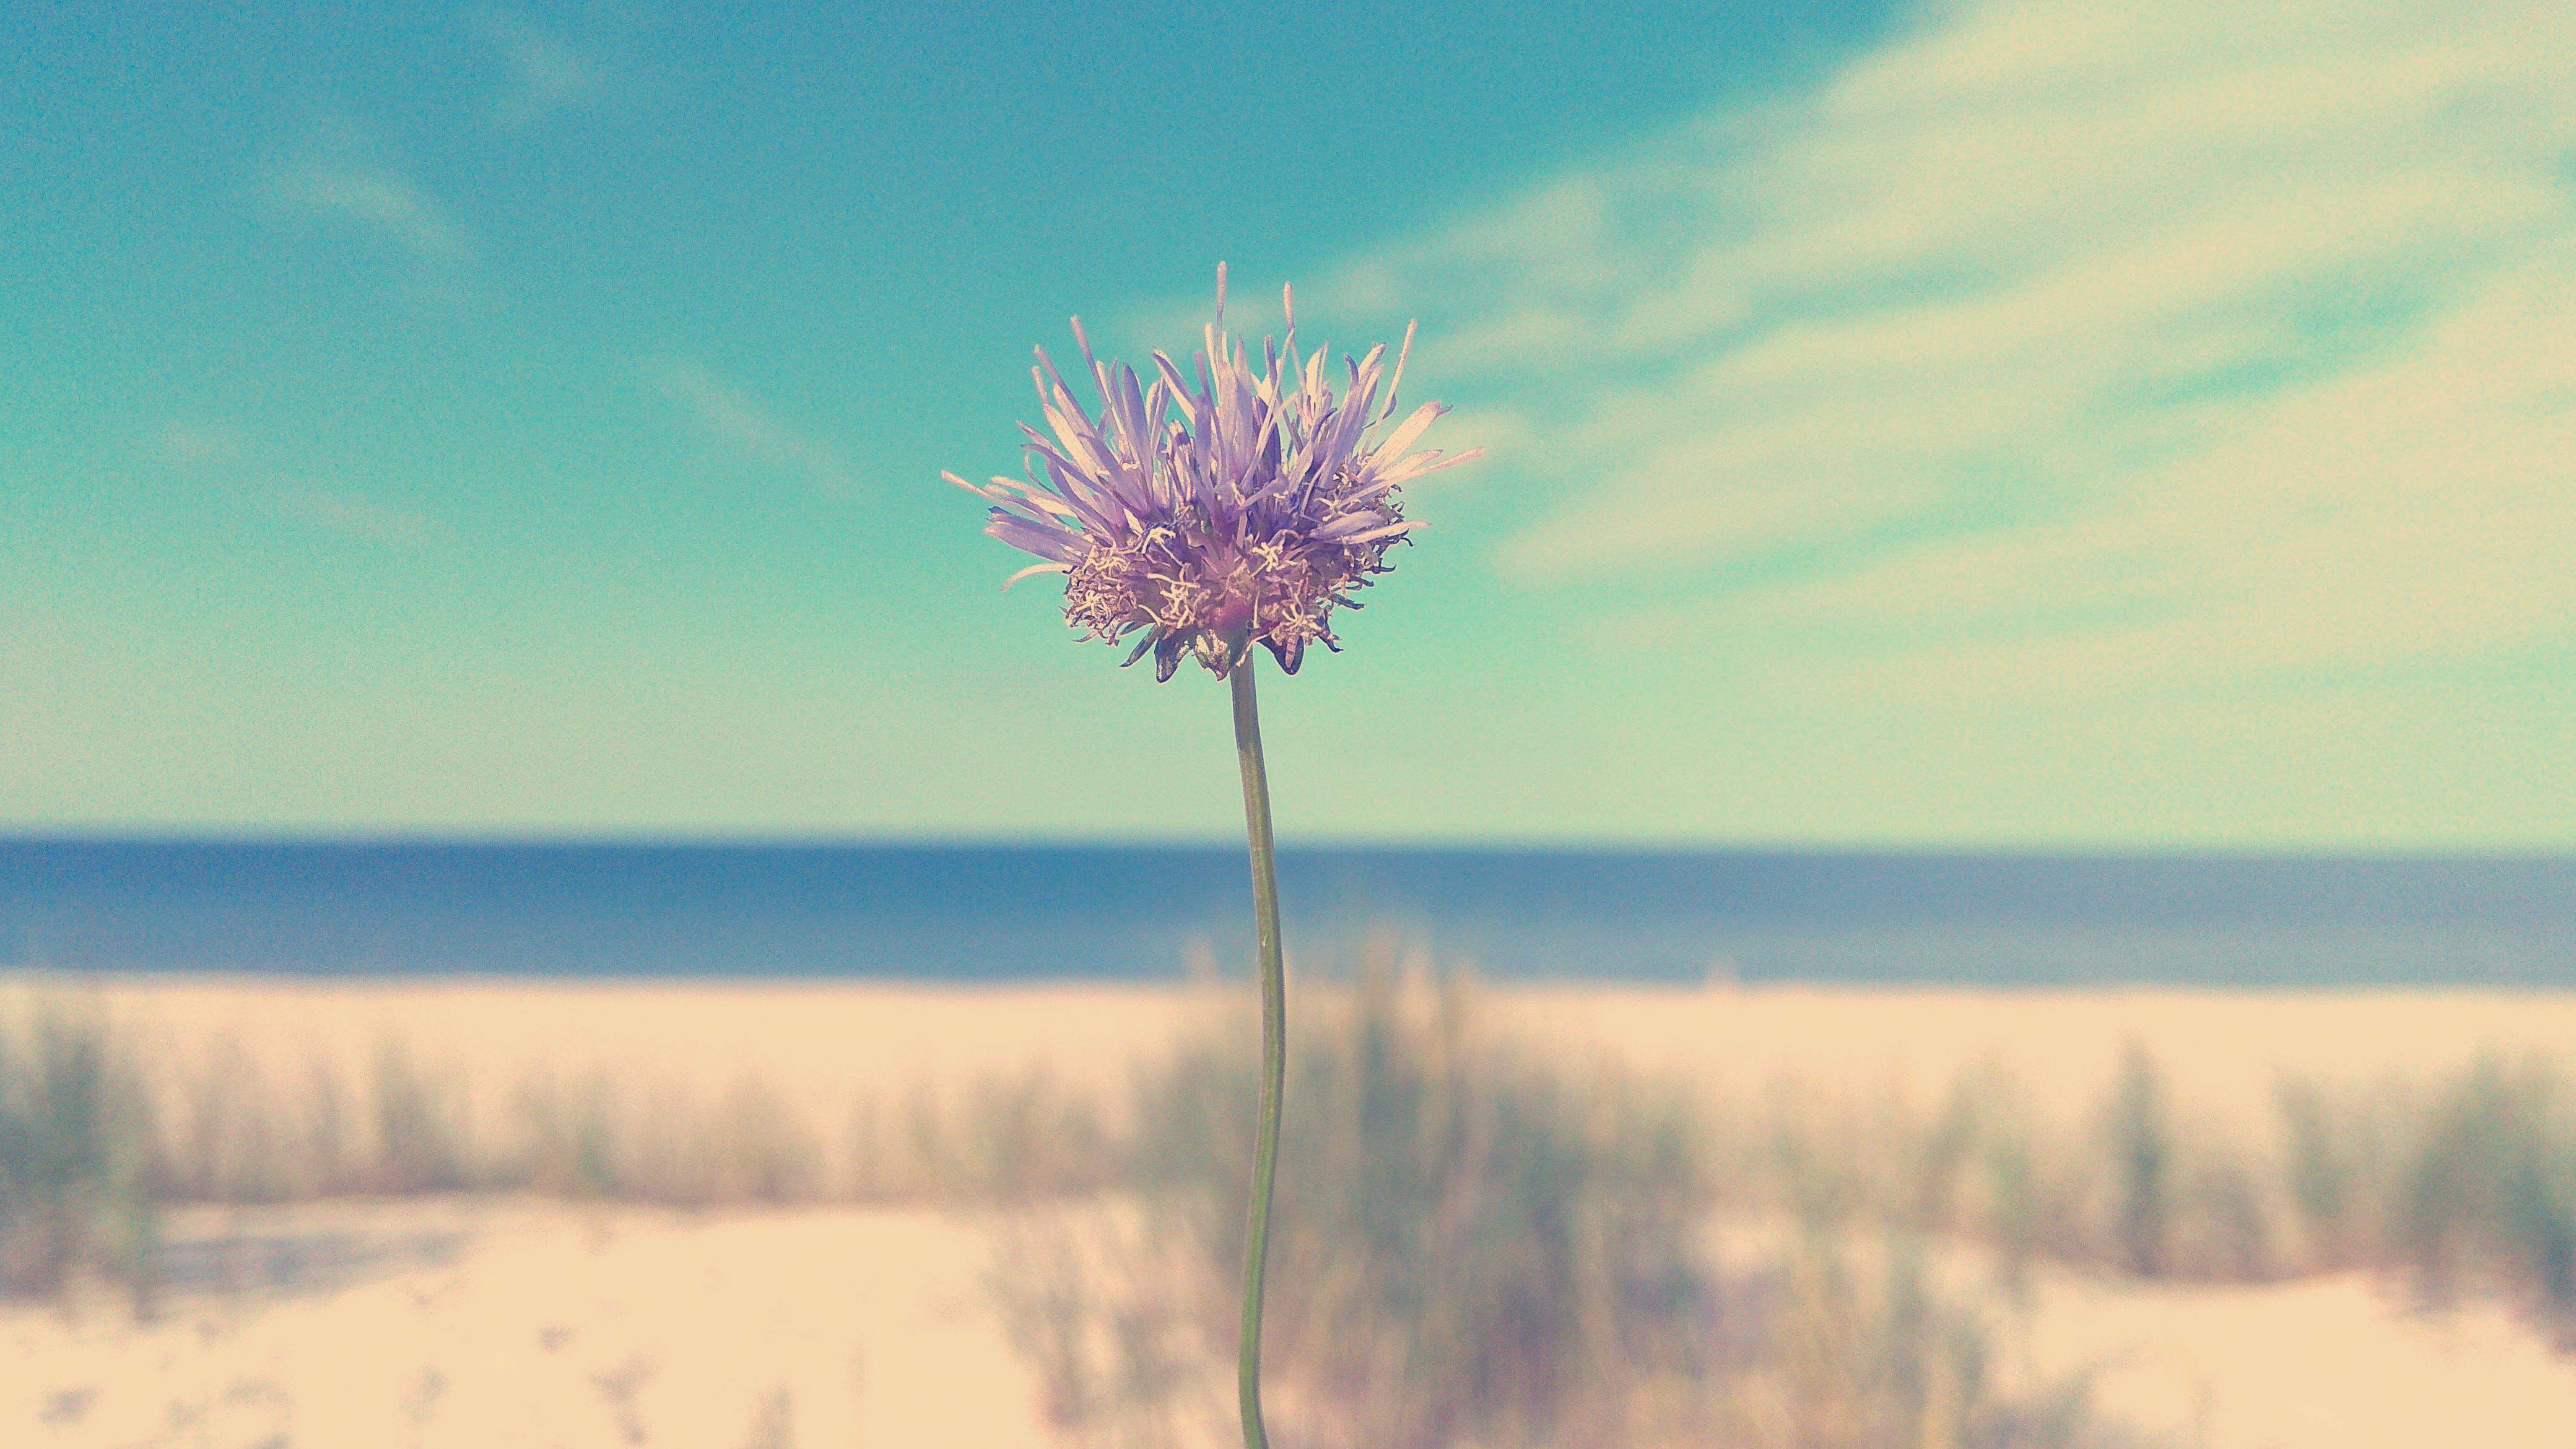 blomst, himmel, sommer